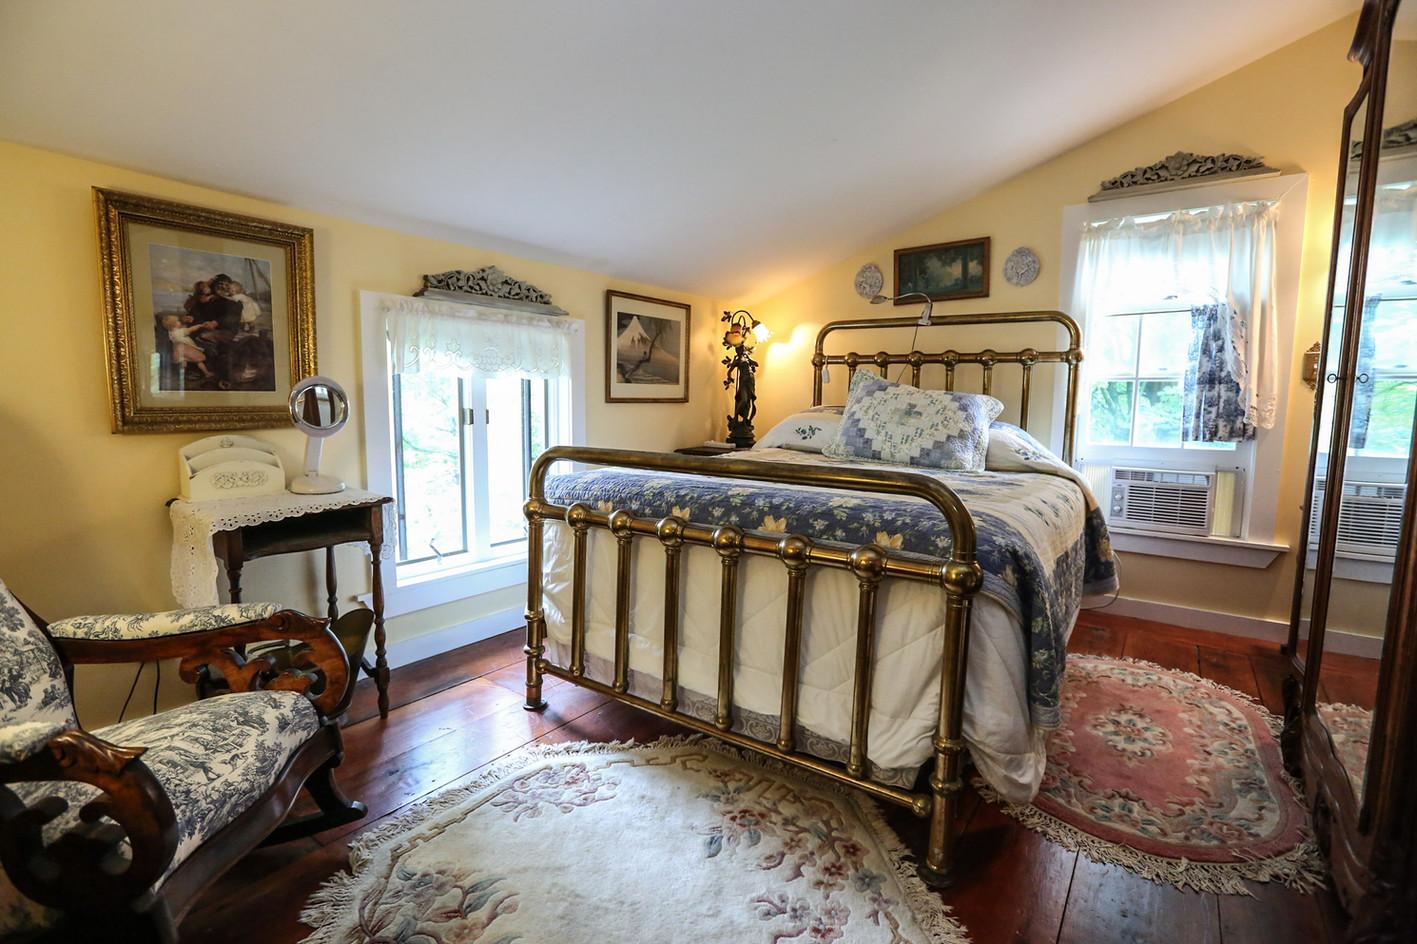 Shiloh's Room